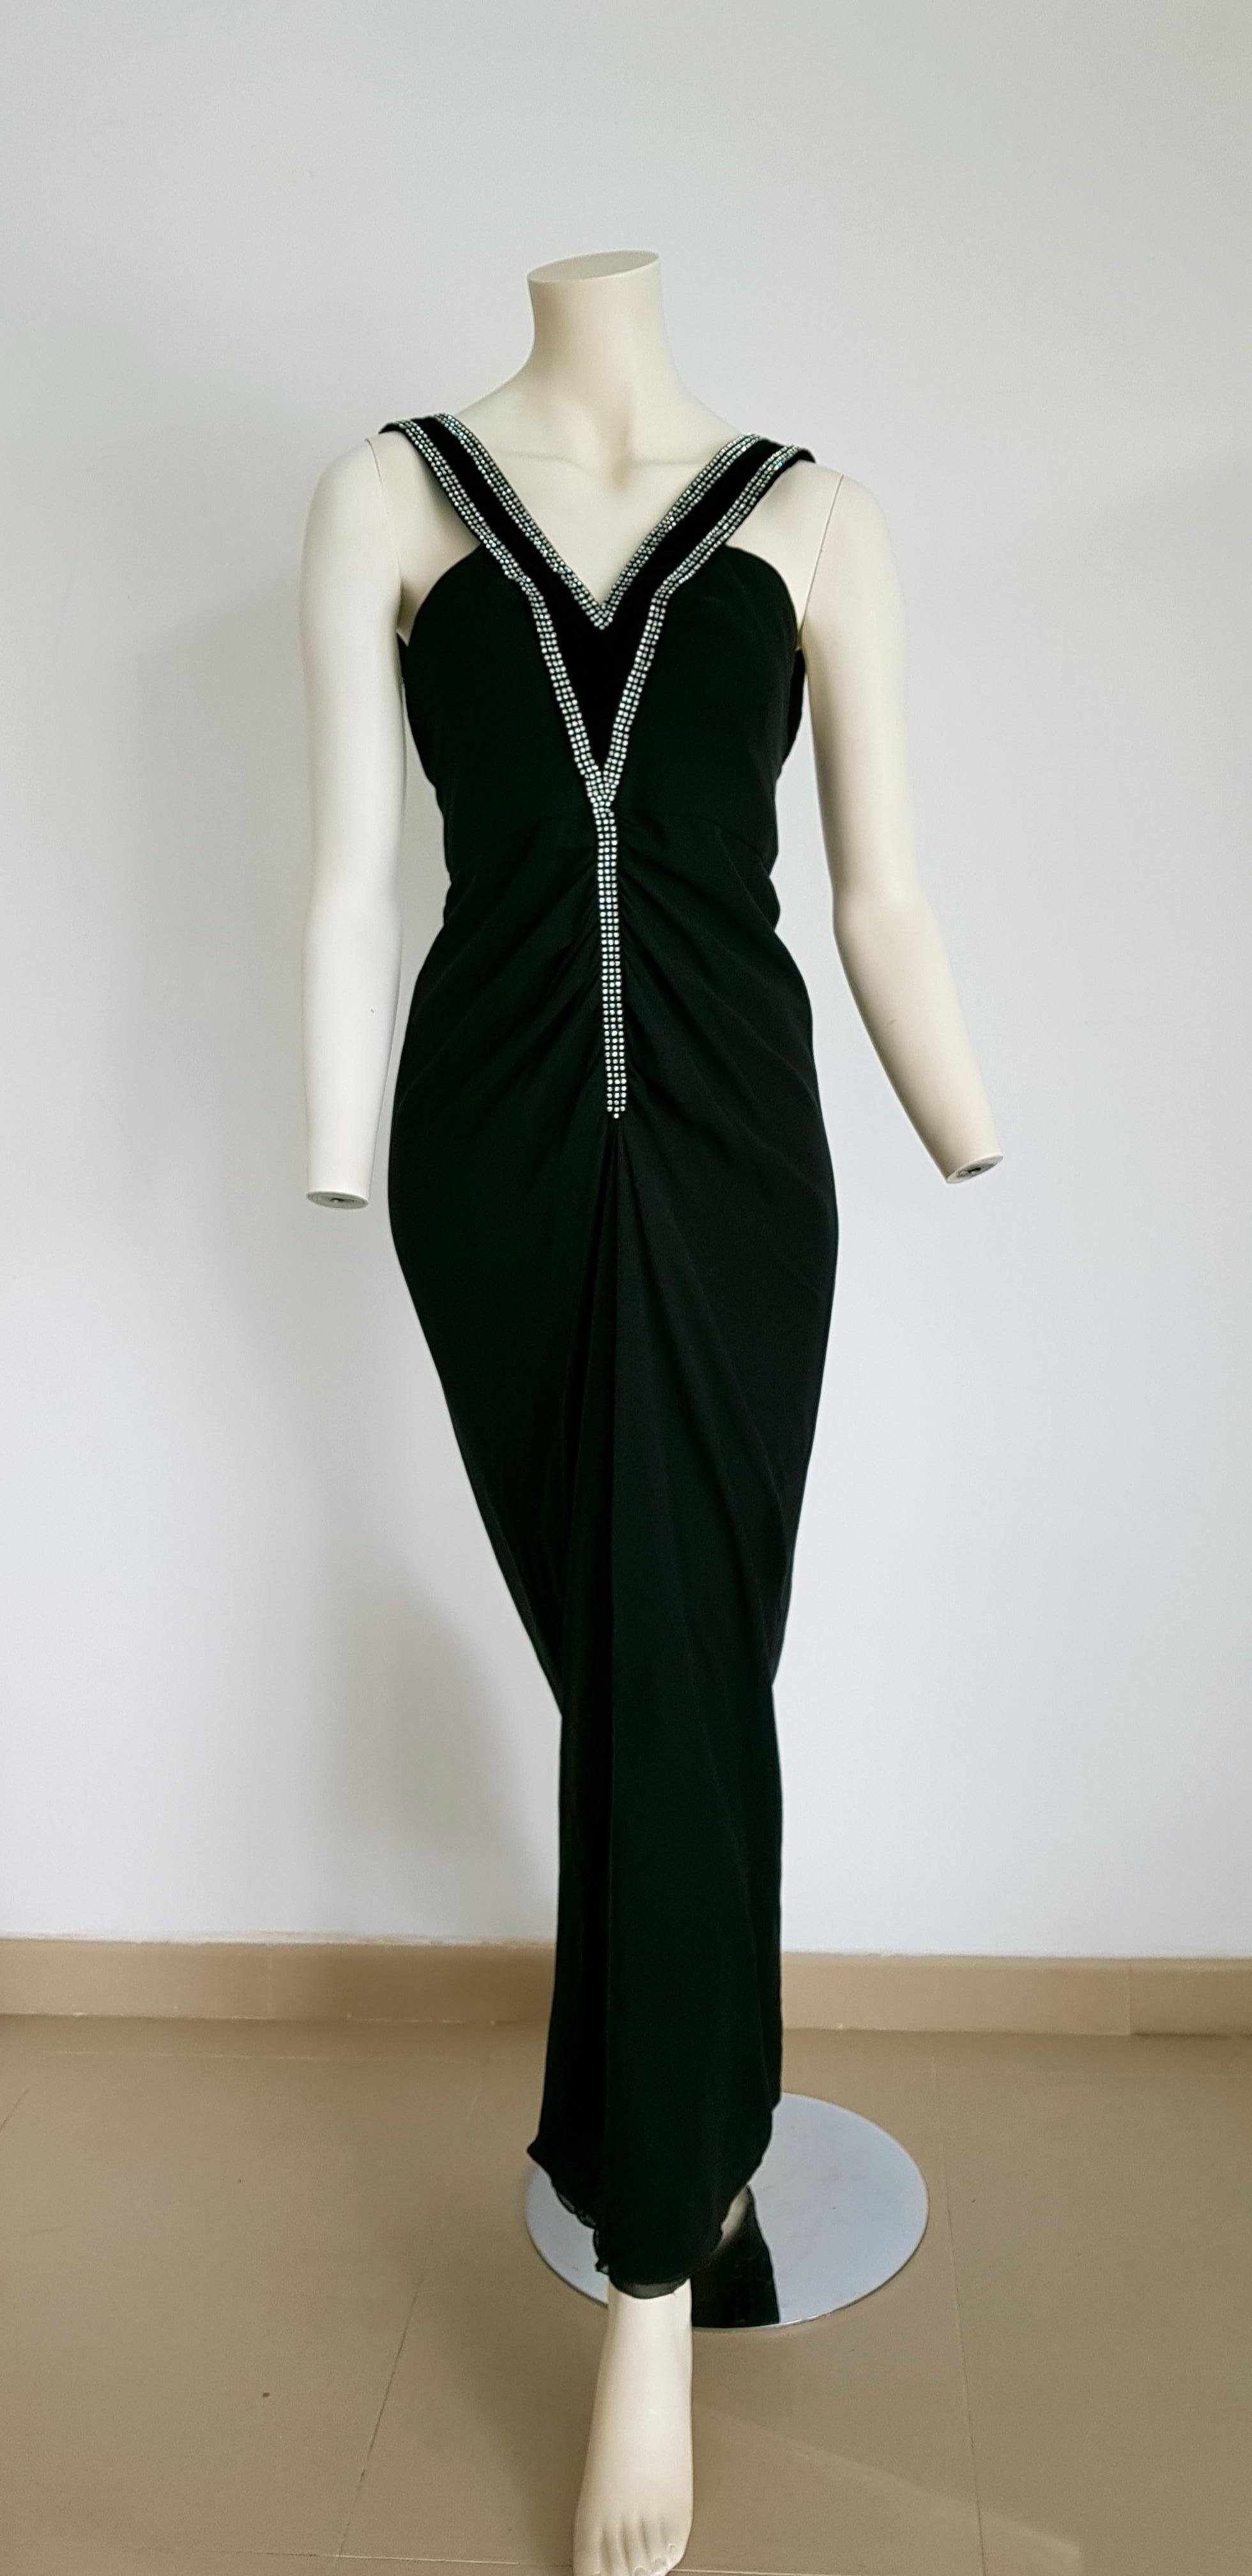 90b7119f7fbfc VALENTINO Haute Couture Swarovski Diamanten auf schwarze Säume Seide Kleid  - ungetragen